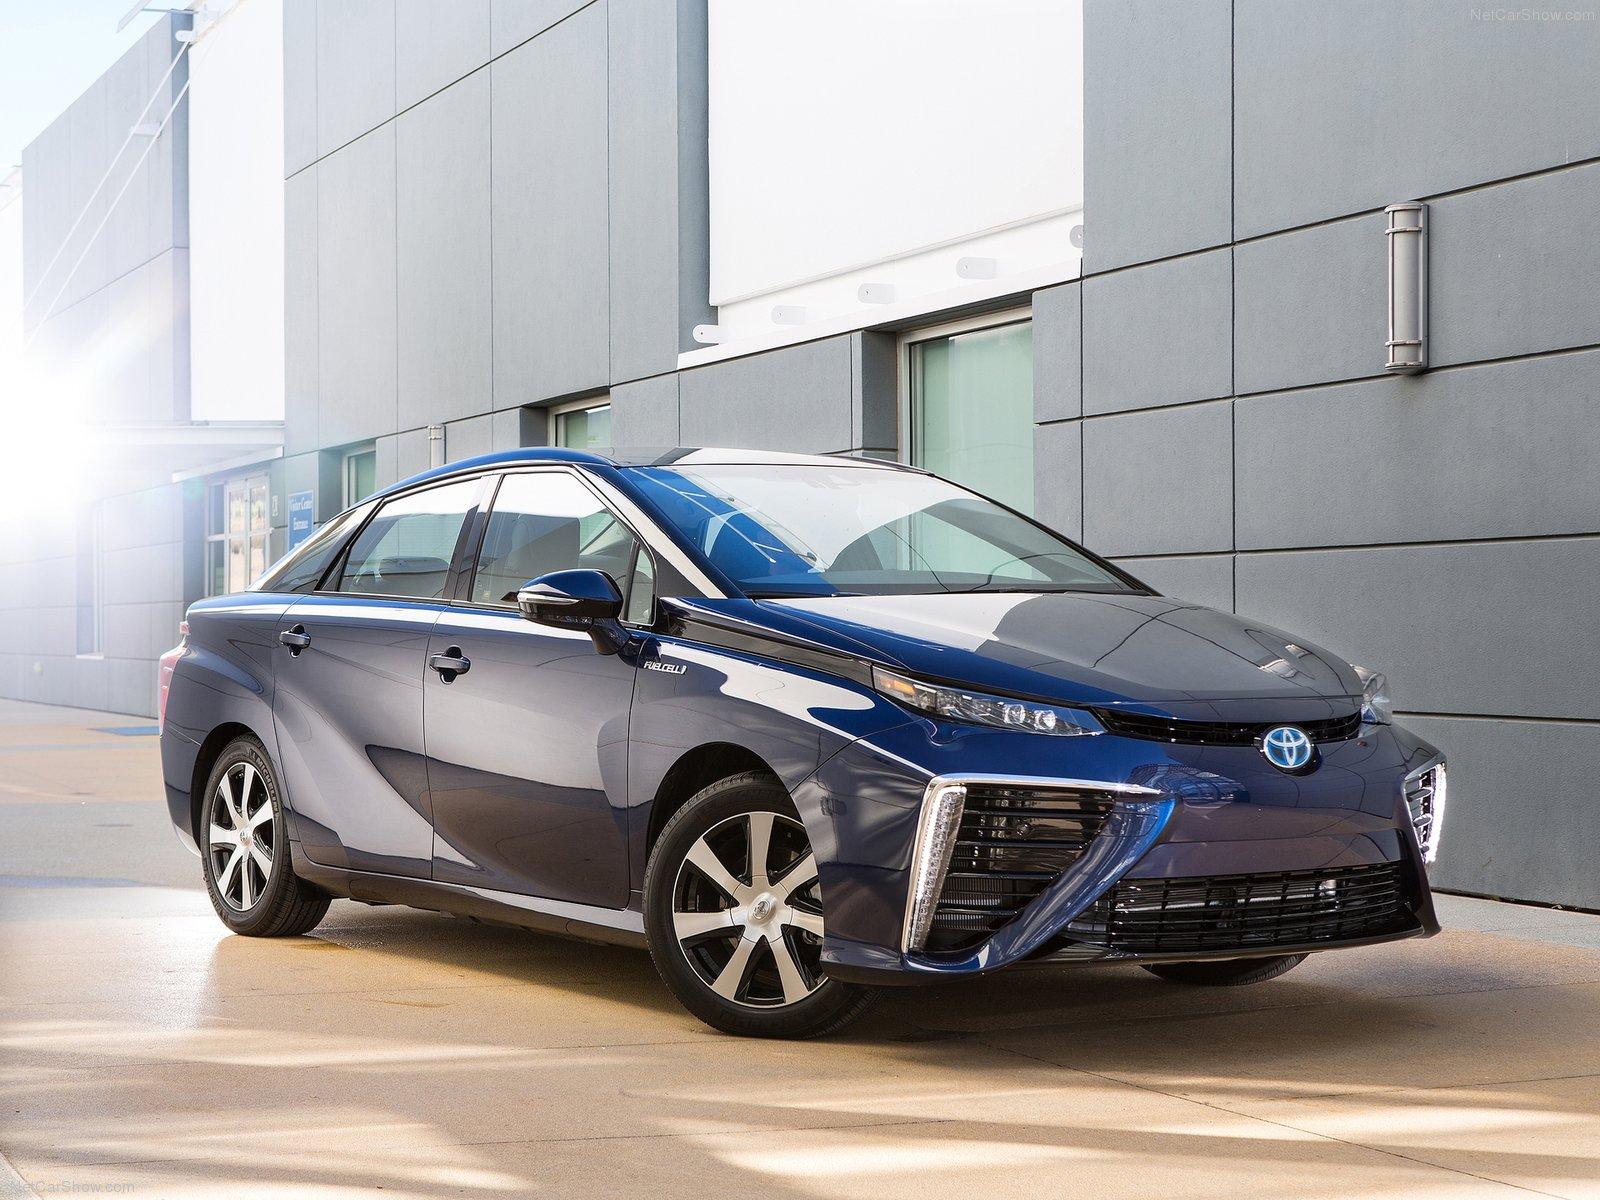 Toyota Mirai 2016 - Cuộc cách mạng tuyệt vời của năng lượng tái tạo của Toyota